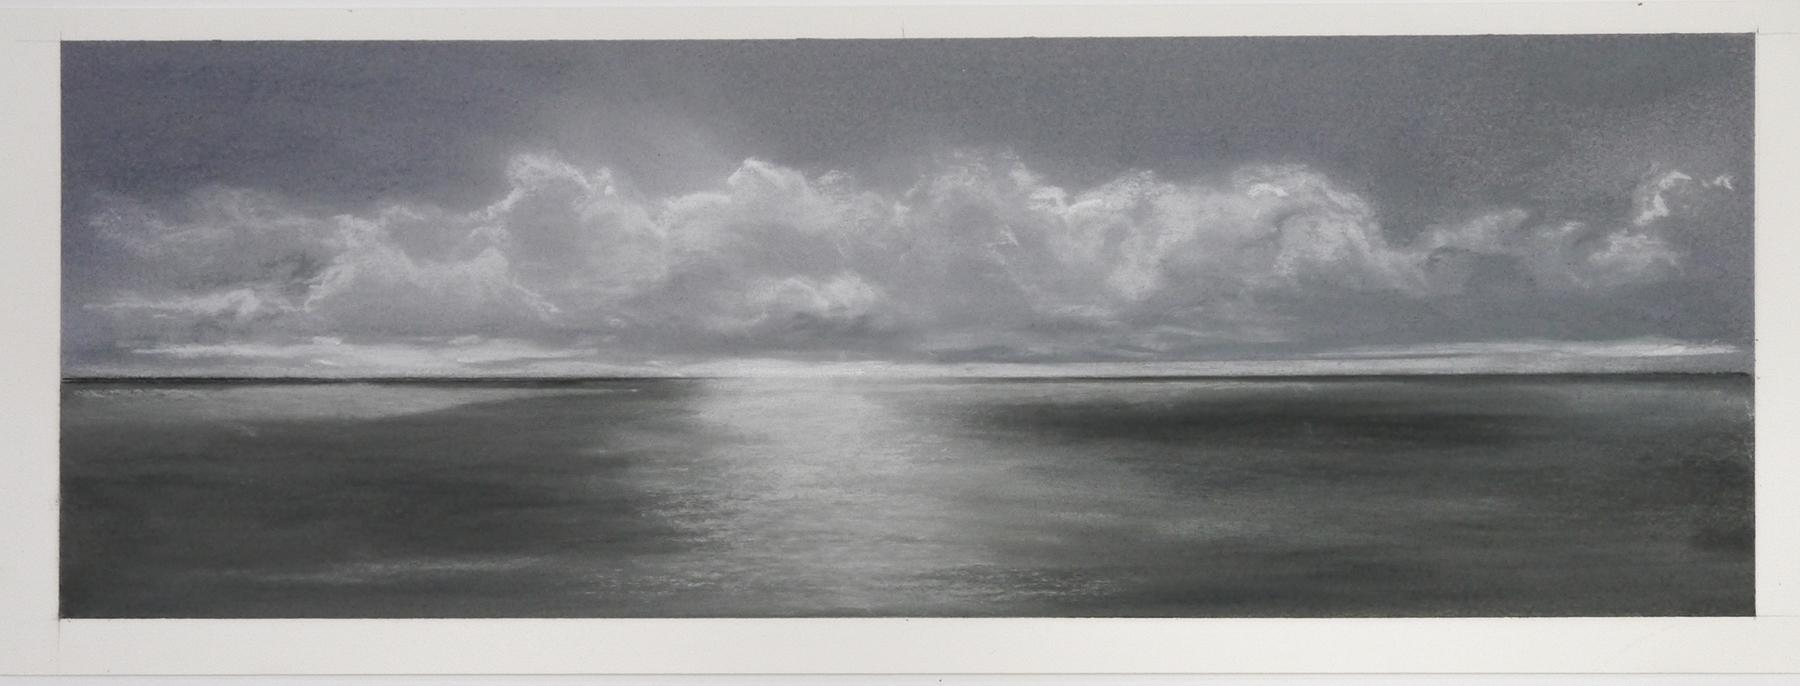 Pt. Fermin Storm Sea